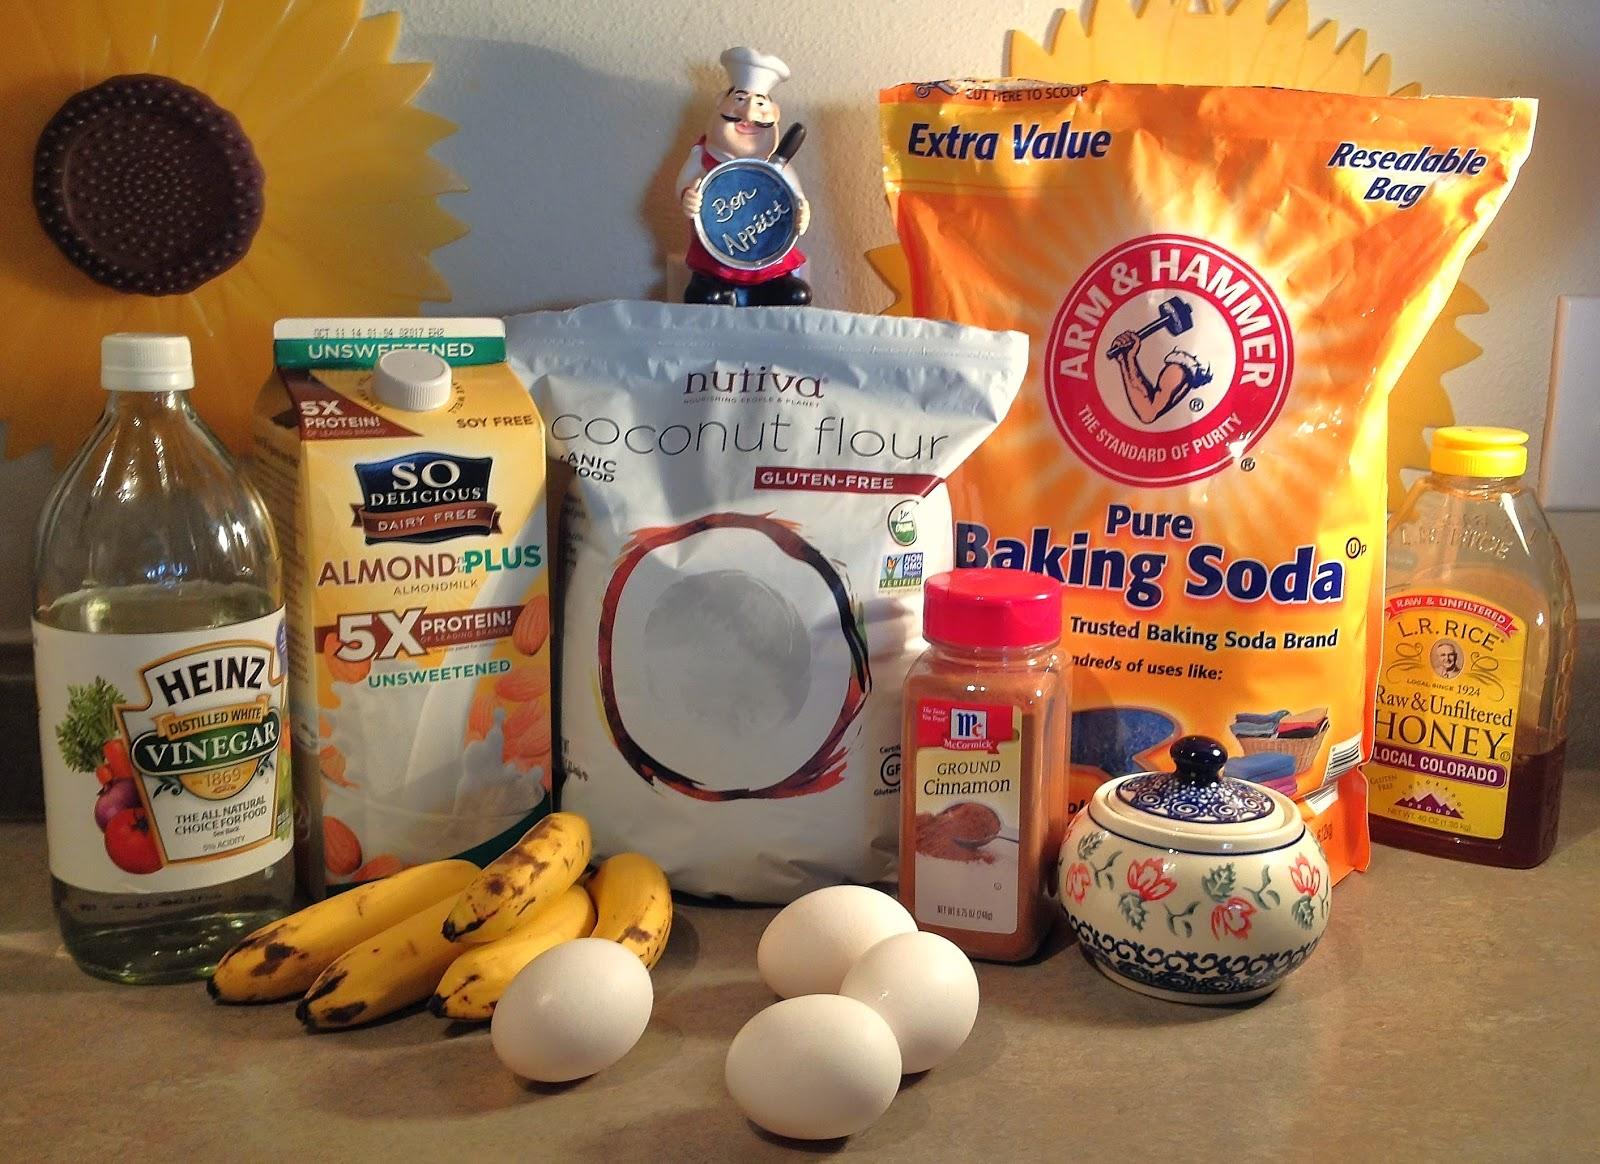 Сегодня испробовала в рецепте для бананового кекса кокосовую муку. Получился очень интересный и вкусный десерт. А самое главное, что полезный и для фигуры не опасный!Для нас, девочек, очень актуальная тема.  Кокосовая мука имеет преимущества перед мукой пшеничной по содержанию в ней белка, клетчатки и железа. Если сравнивать одинаковые объёмы той и другой, то клетчатки в ней раз в десять больше, чем в муке пшеничной. В 100 г кокосовой муки содержится 39 г клетчатки, в то время как в цельнозерновой пшеничной 11 г, а в белой